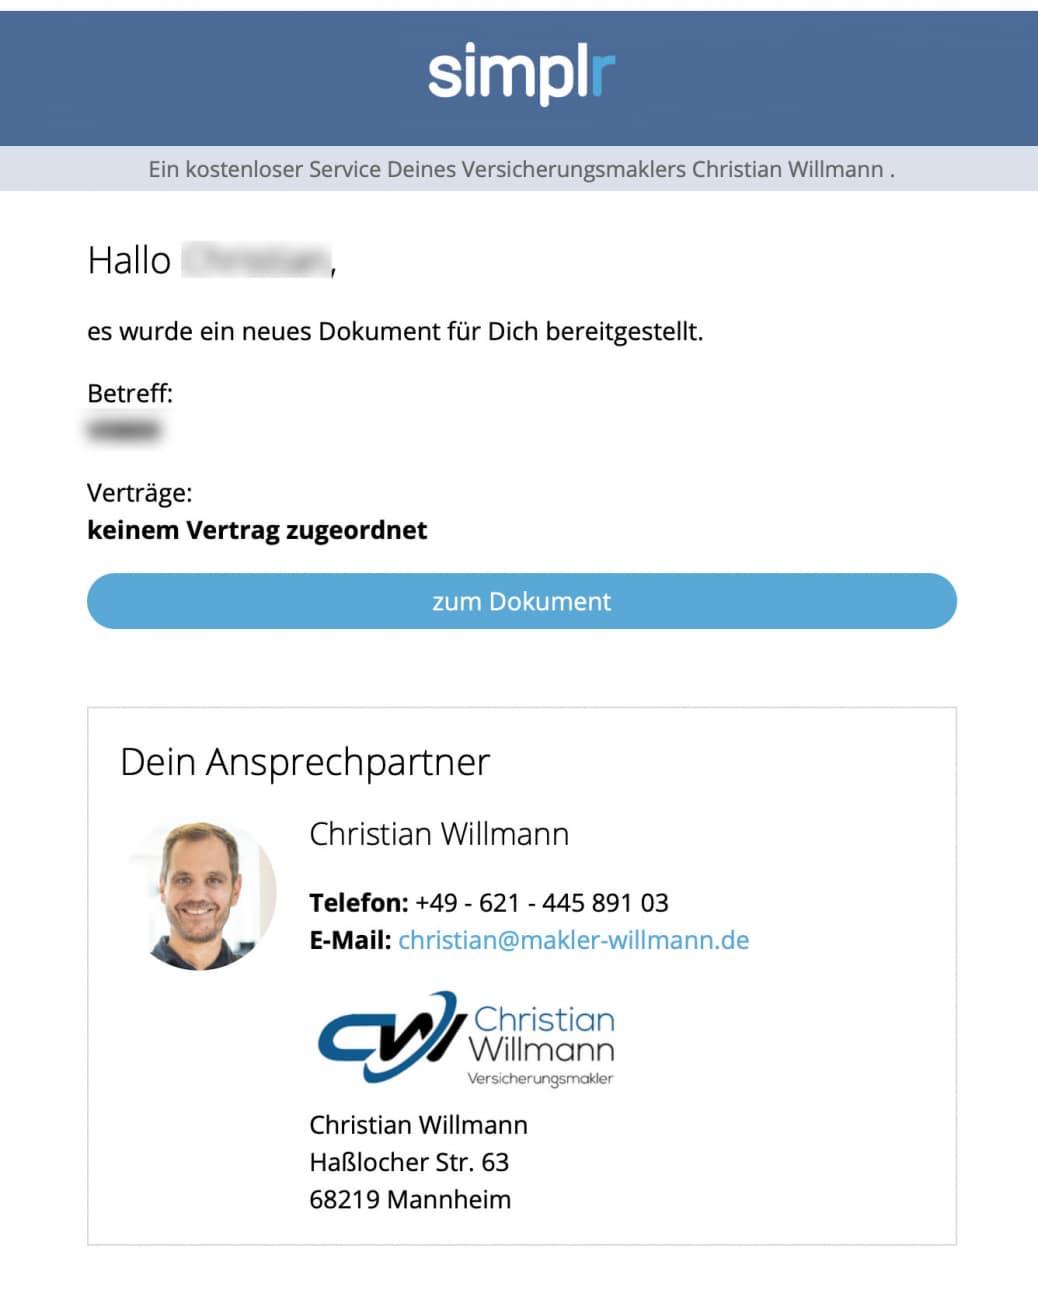 Simplr Beispiel Email Benachrichtigung Kunde Versicherungsmakler Christian Willmann Mannheim